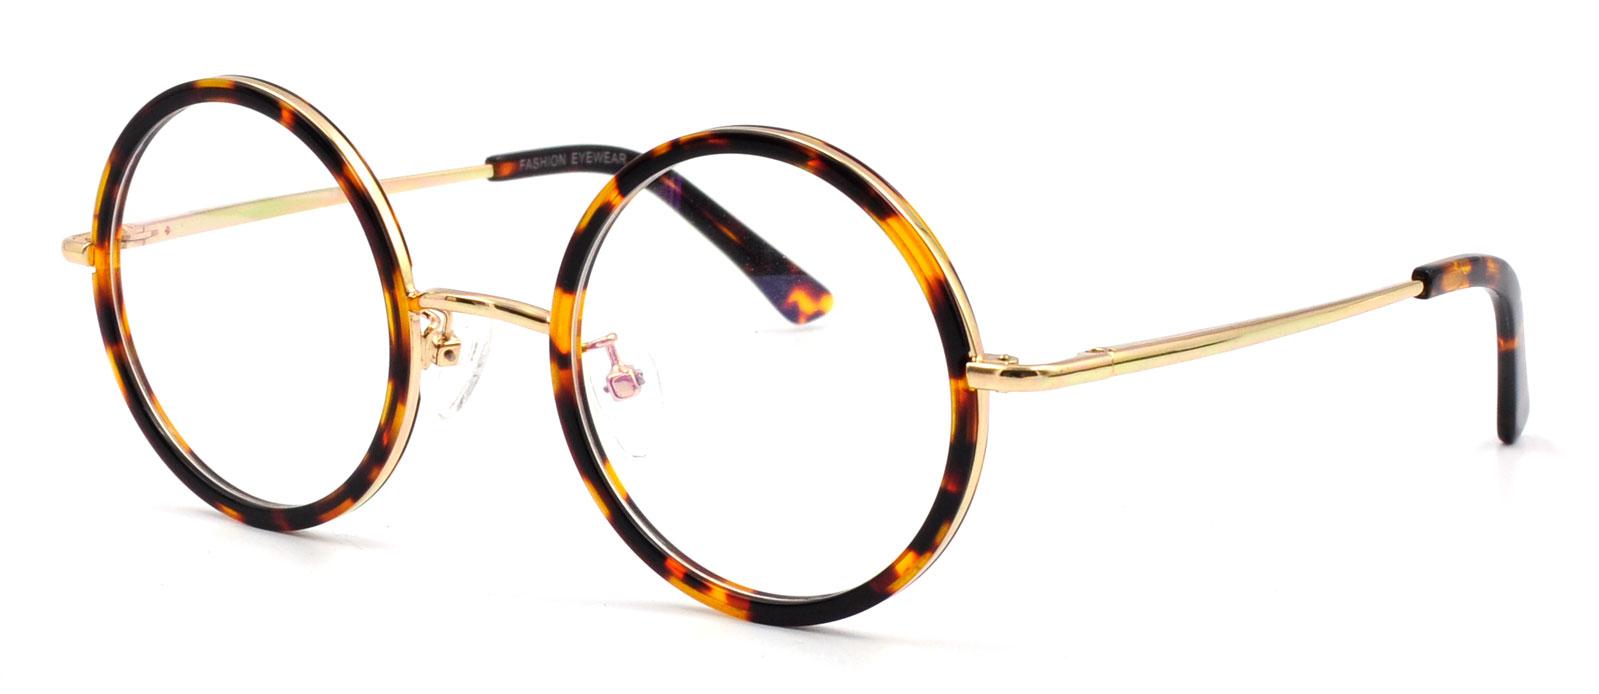 John Lennon style vintage mens round glasses eyeglasses frames metal ...